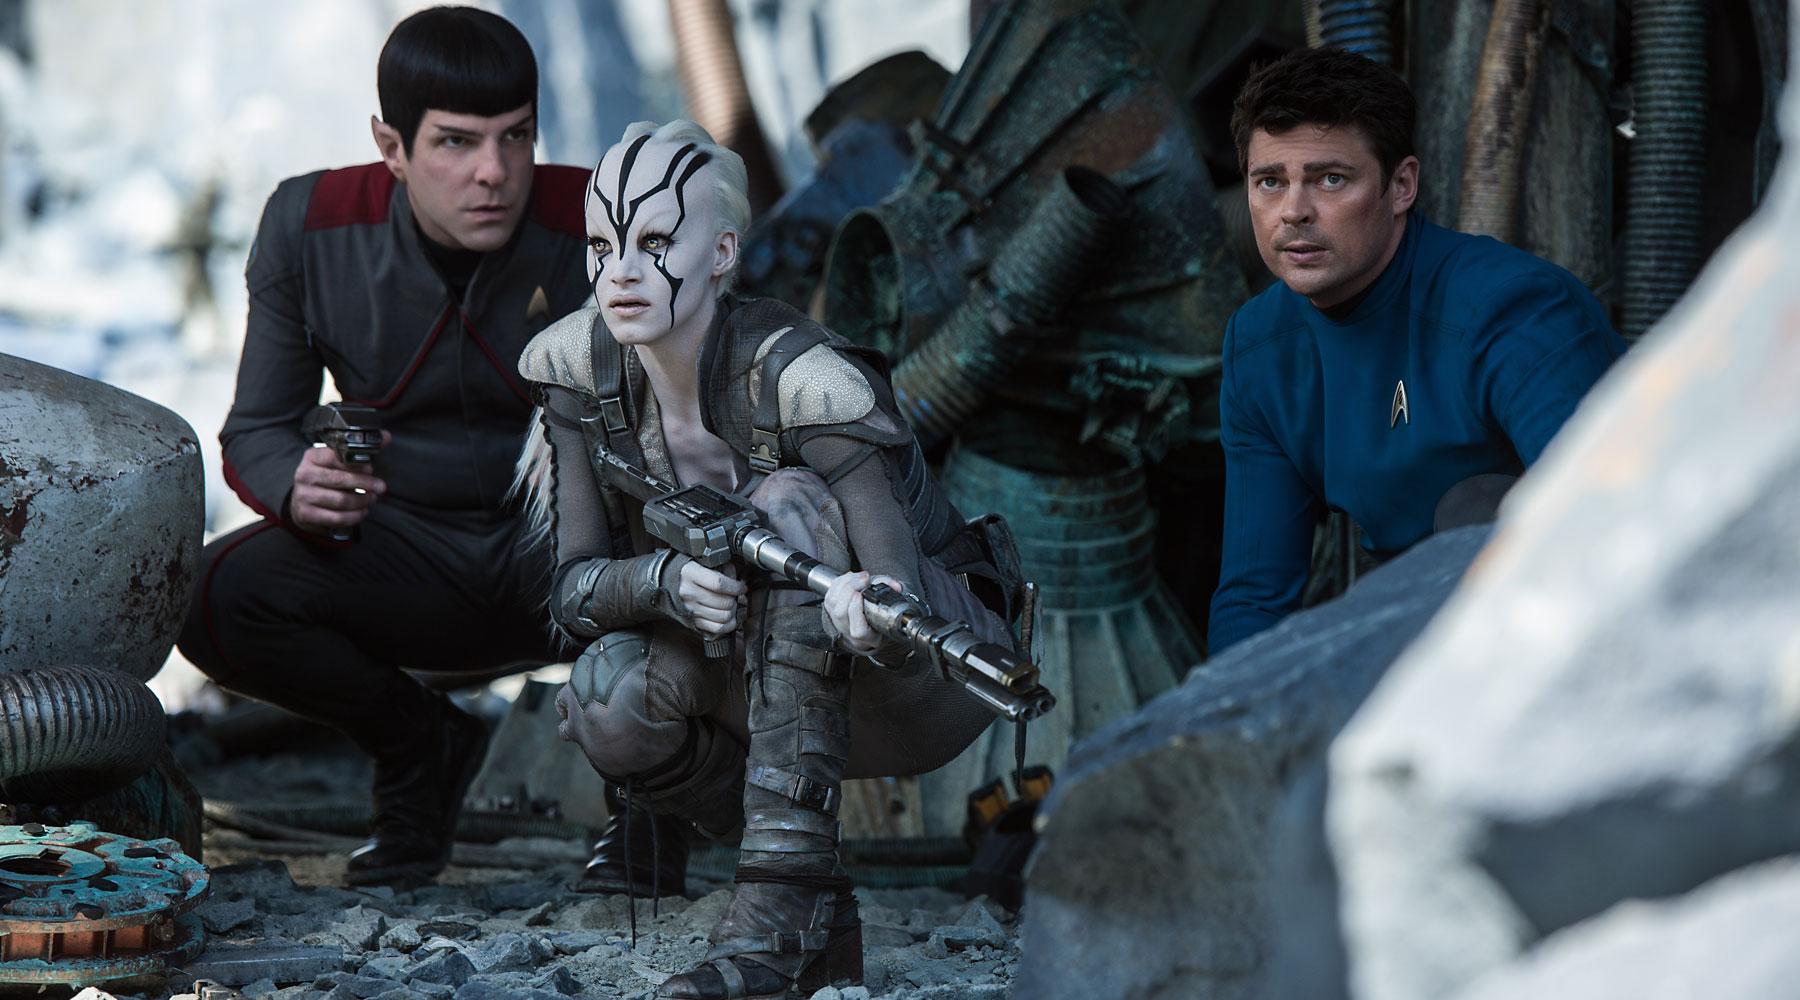 Le nouveau film de Star Trek introduira de nouvelles races extraterrestres